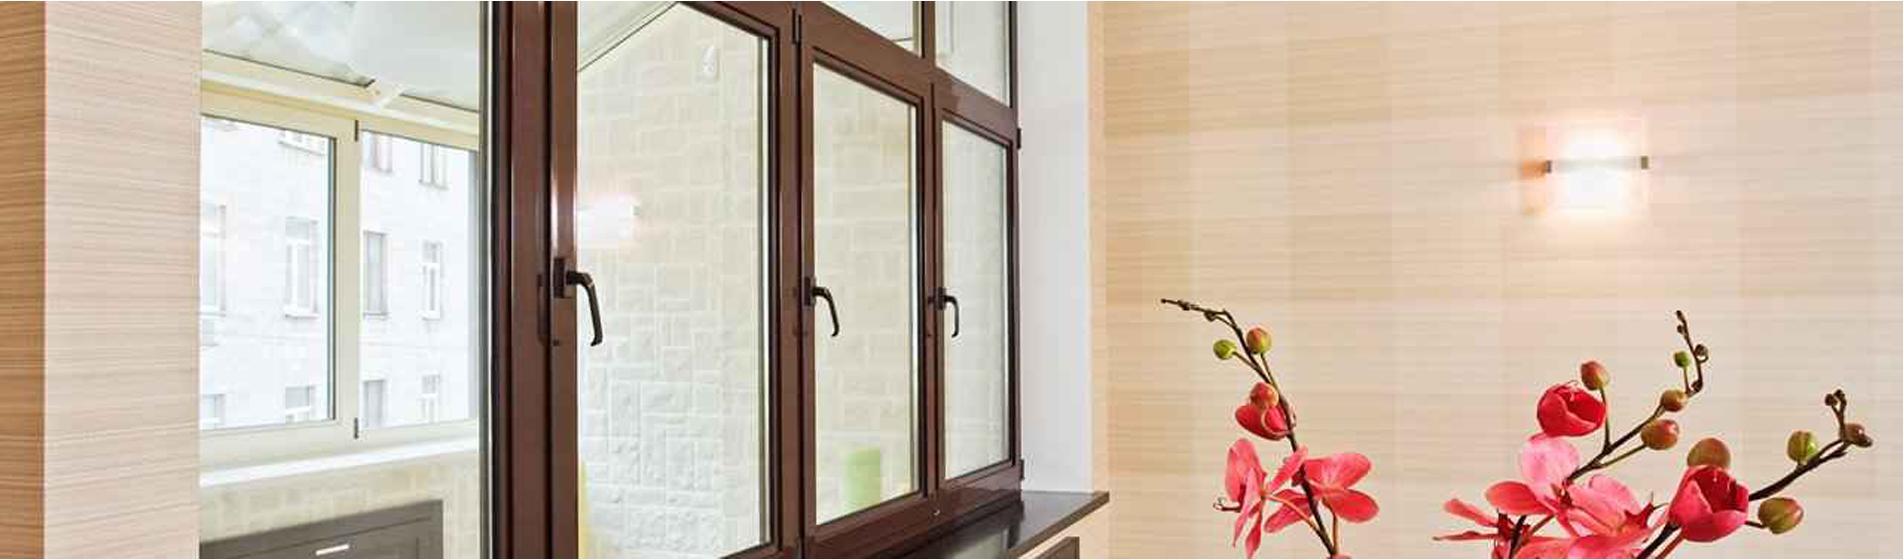 prix fenêtre alu sur-mesure 30 Gard